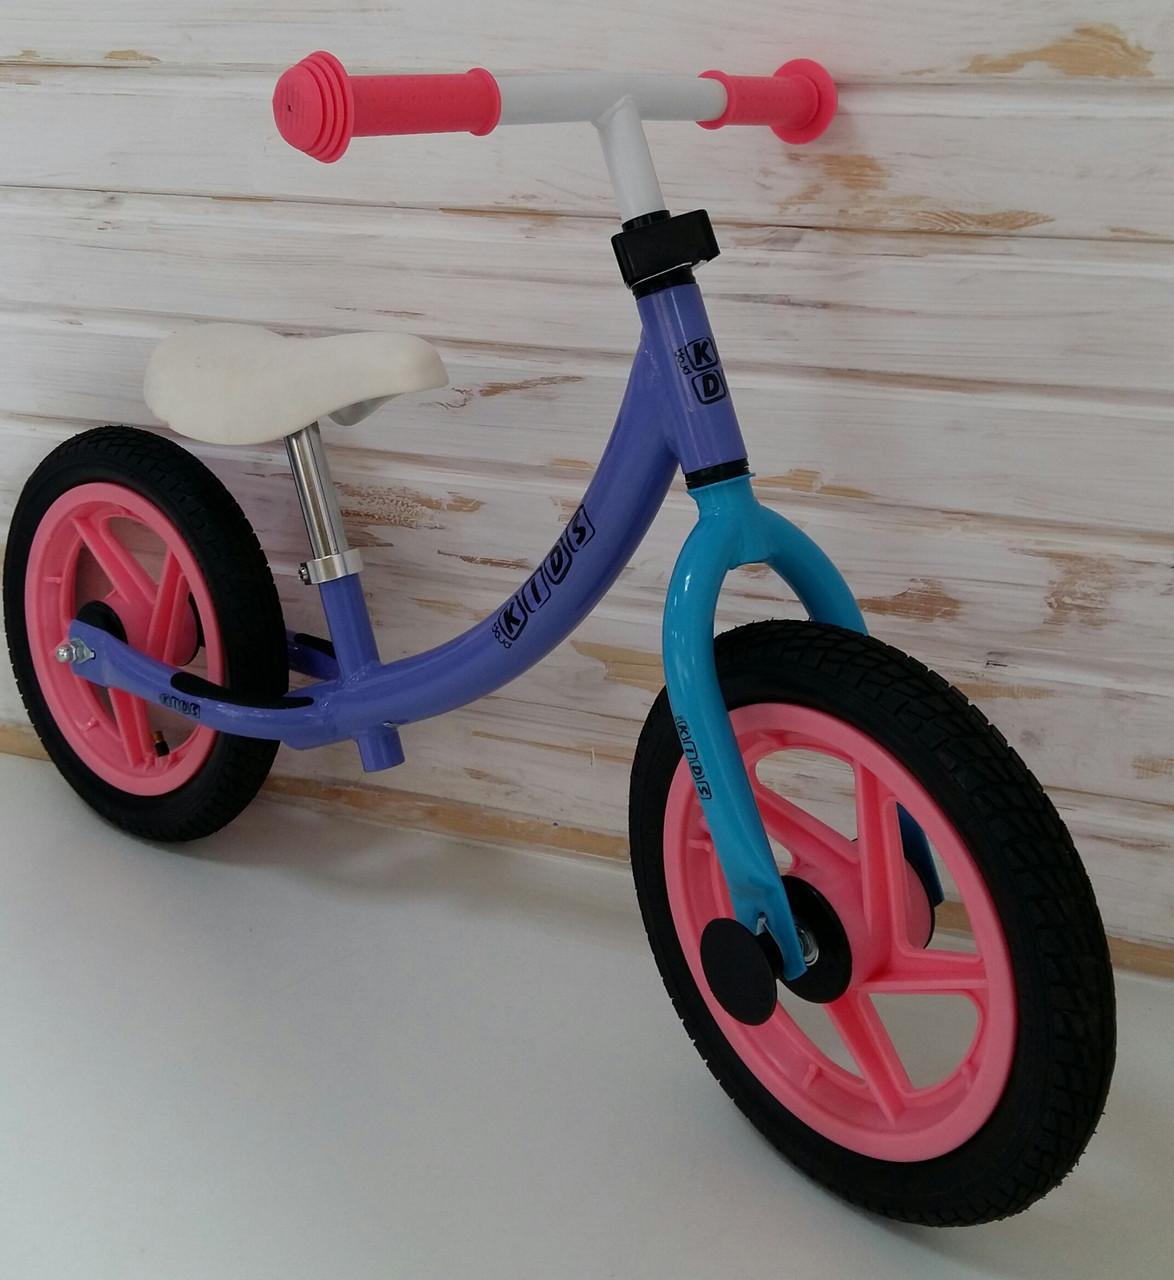 Дитячий беговел 12 дюймів PROFI KIDS M 3437A-6 гумові колеса (бузковий)